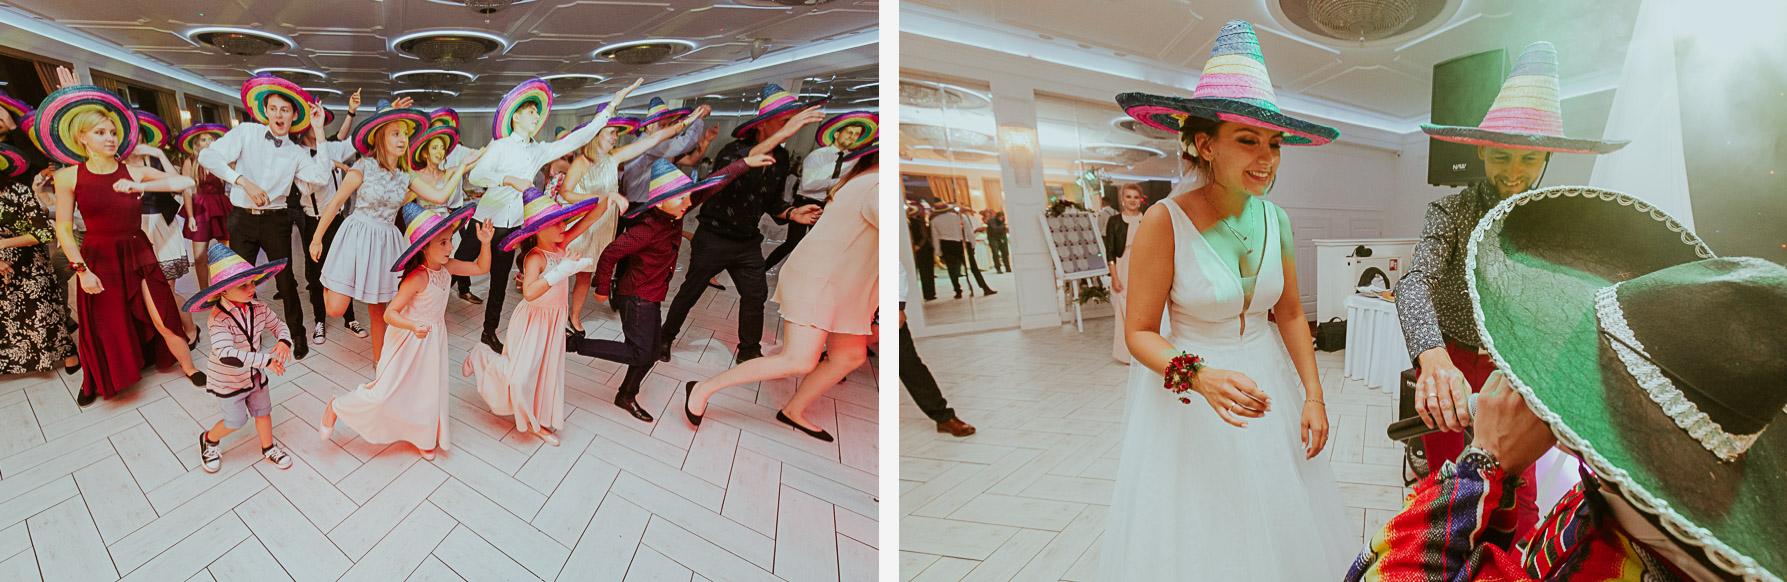 Zdjęcia Ślubne Cieszyn 122 a25